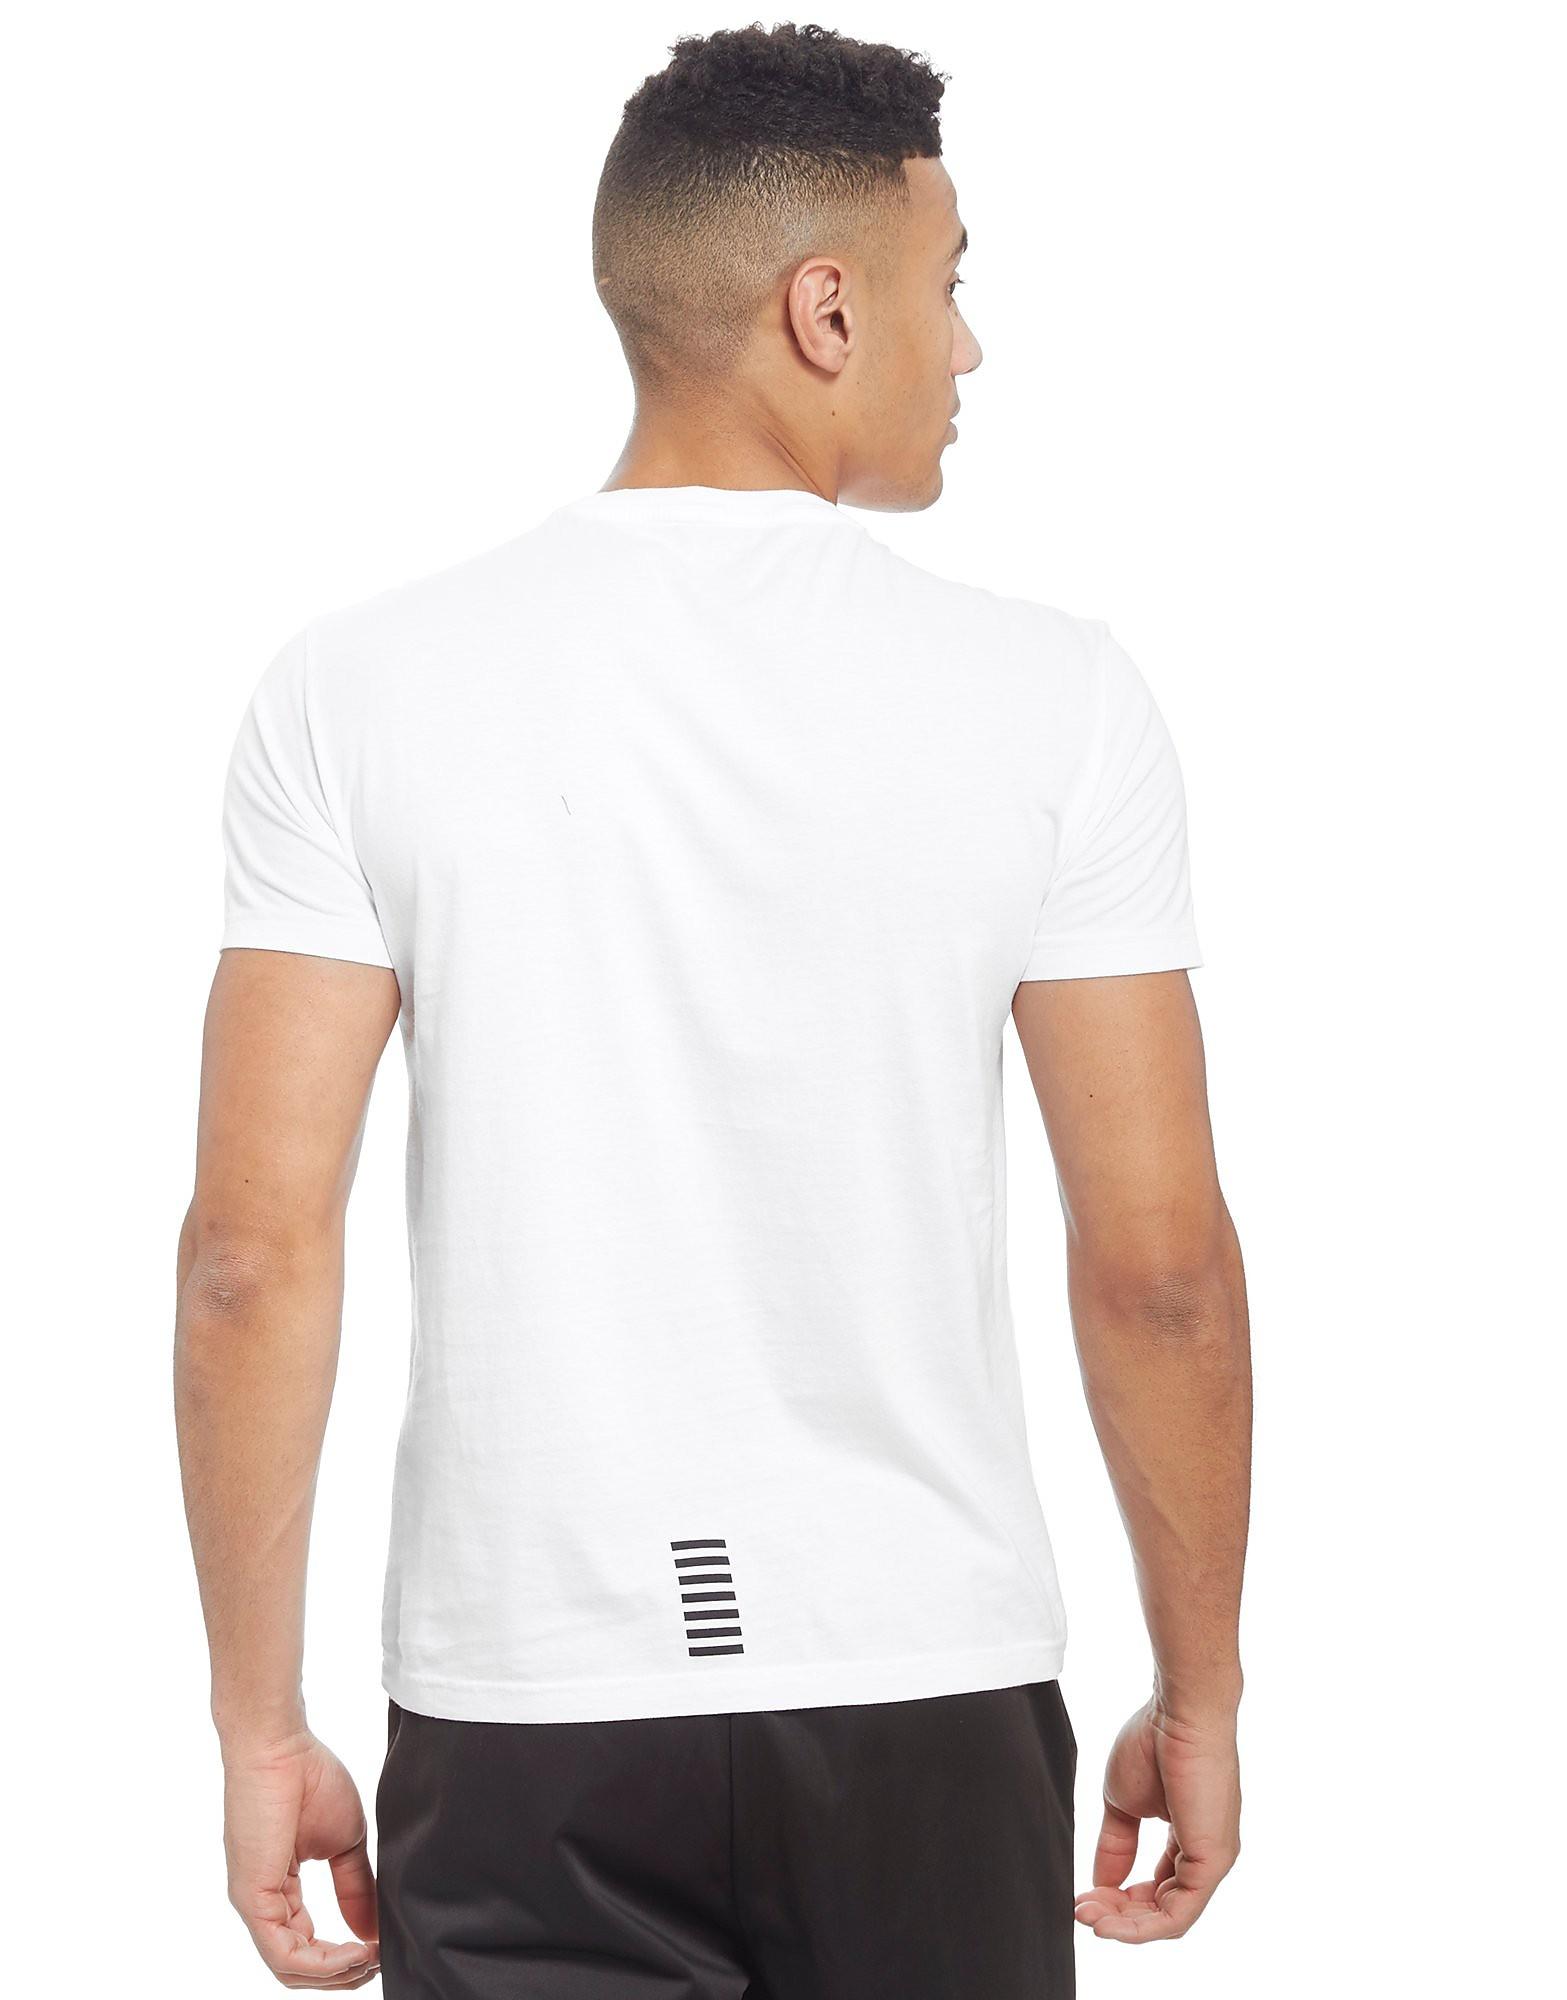 Emporio Armani EA7 Core Crew Neck T-Shirt